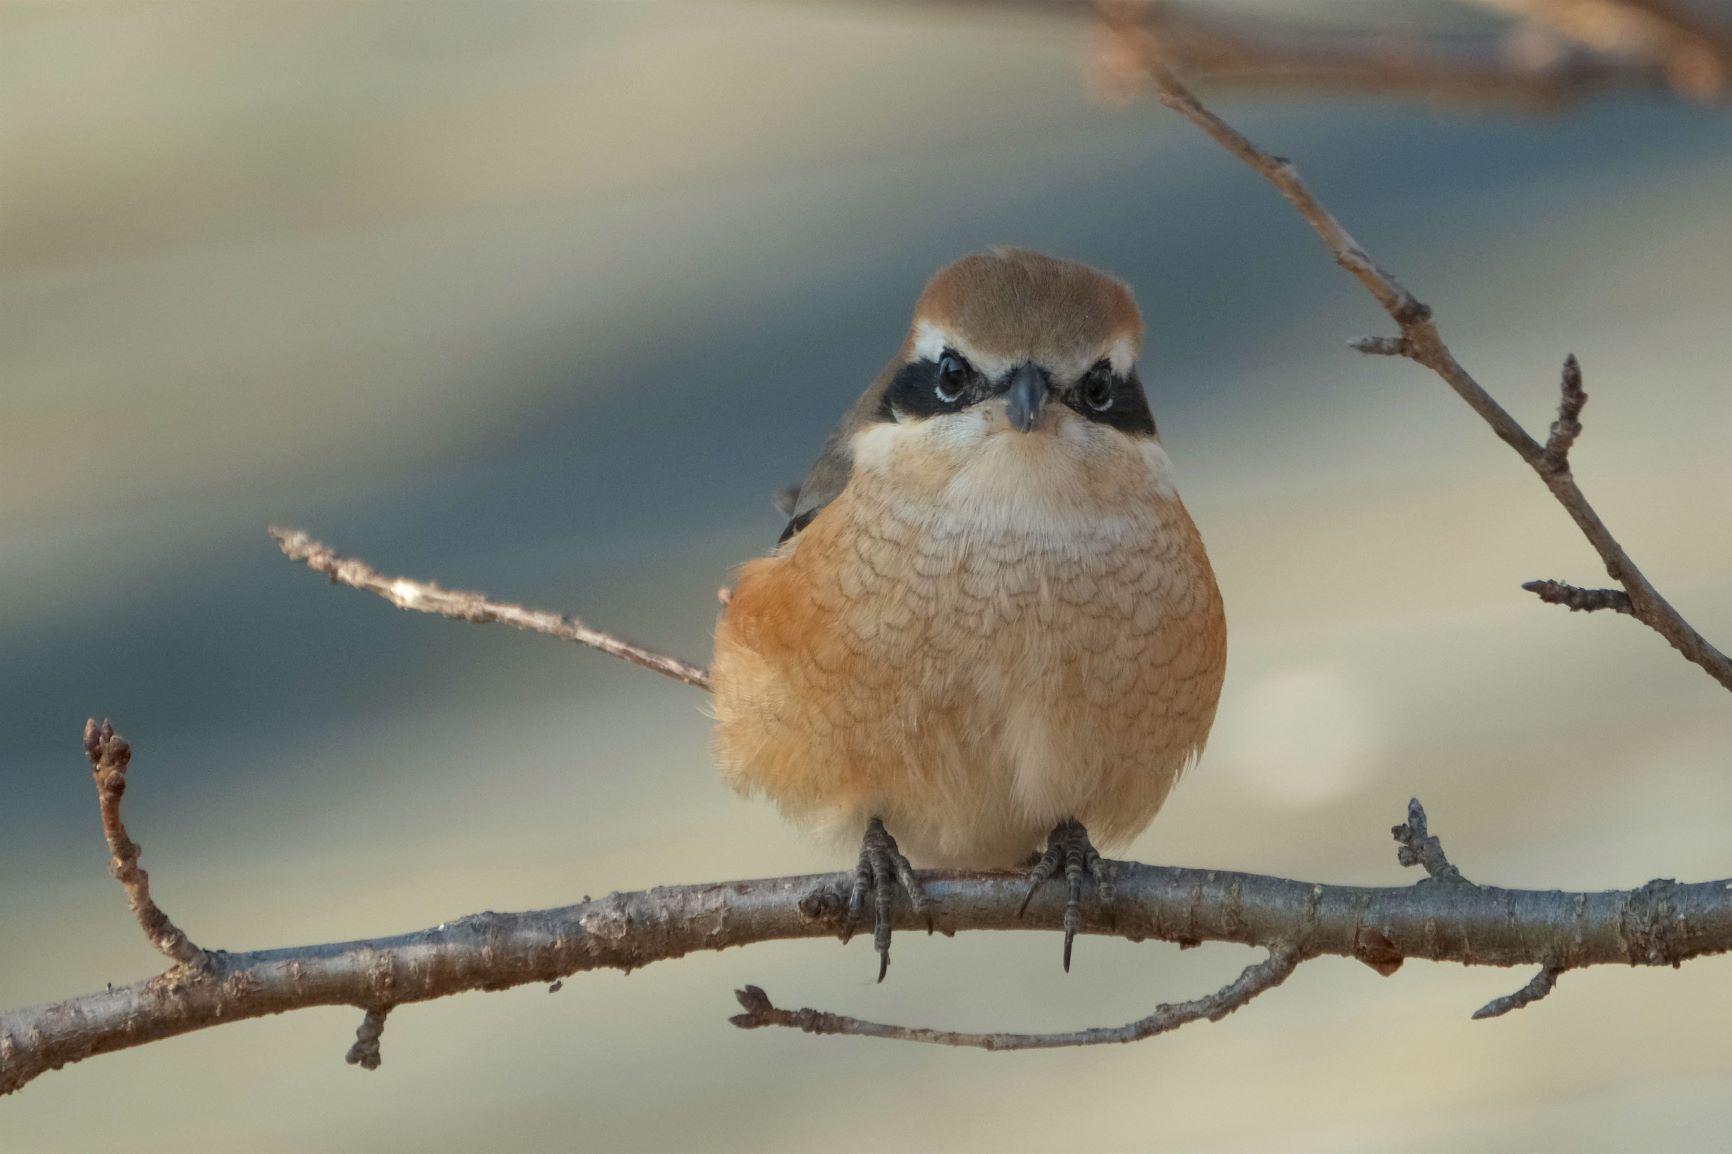 松本 アルプス公園で野鳥を撮影。野鳥の写真と駐車場の情報について